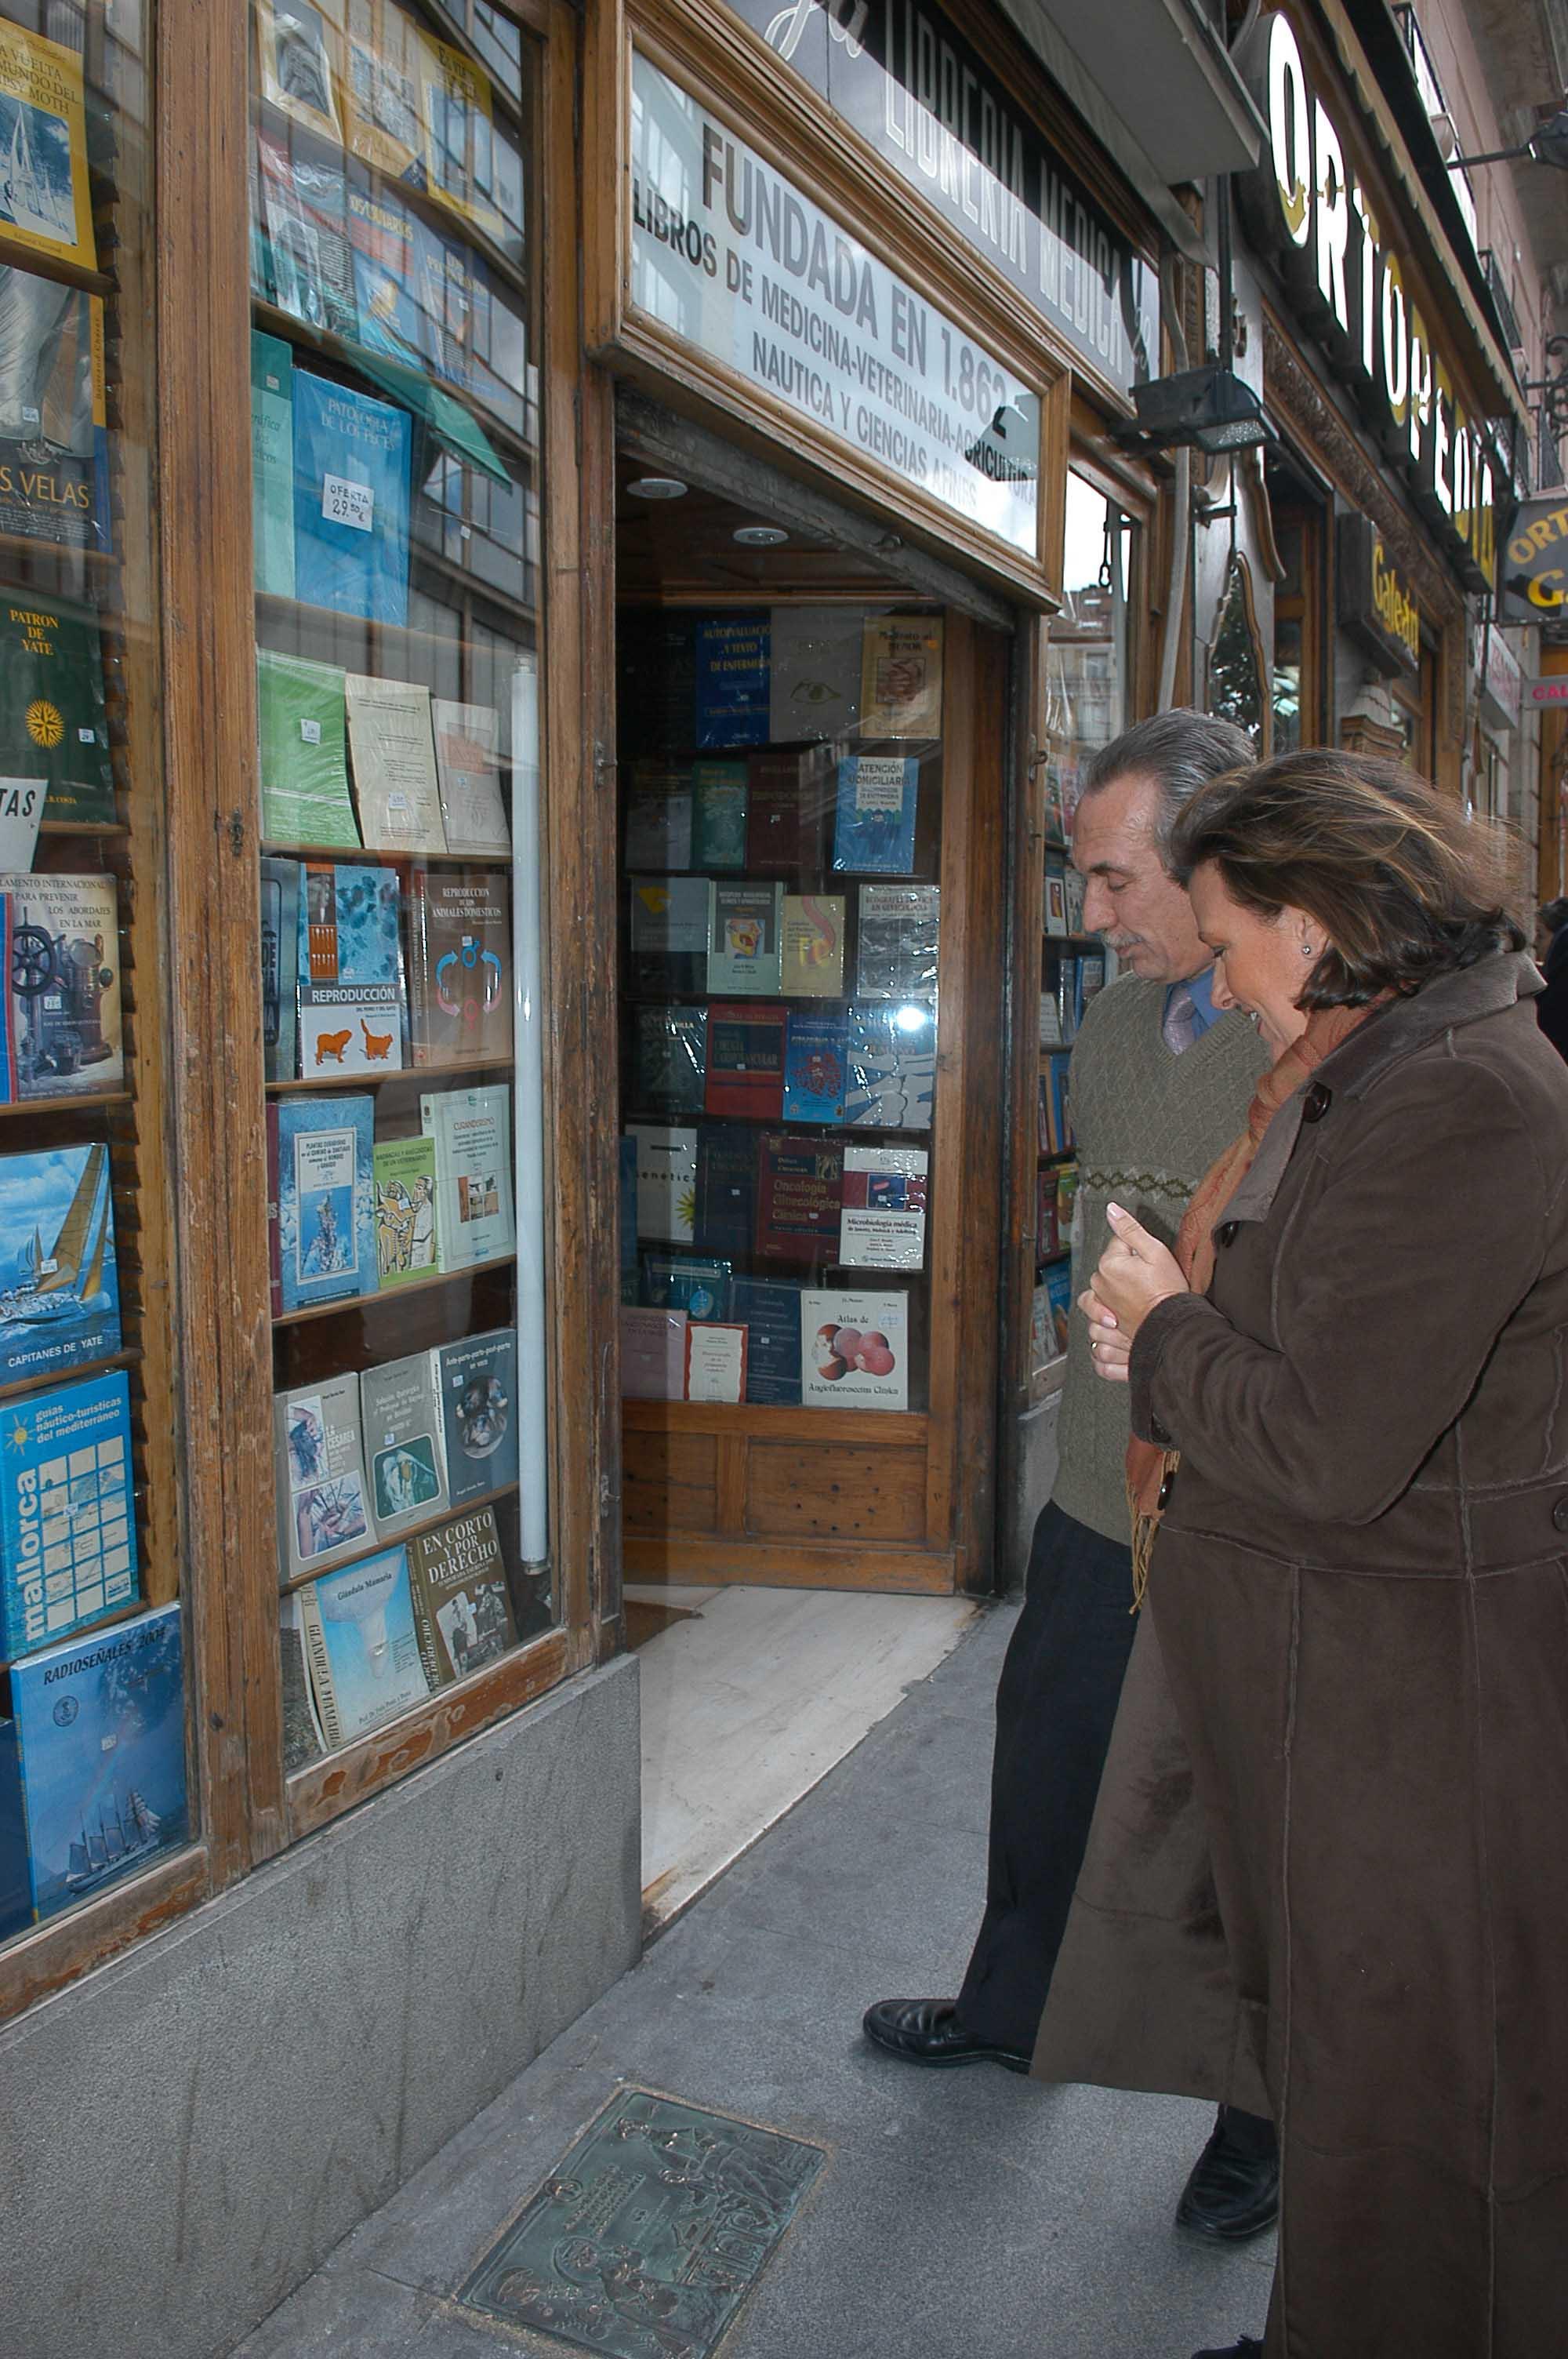 Placas conmemorativas para la librer a nicol s moya y la farmacia de la victoria ayuntamiento - La farmacia en casa ...